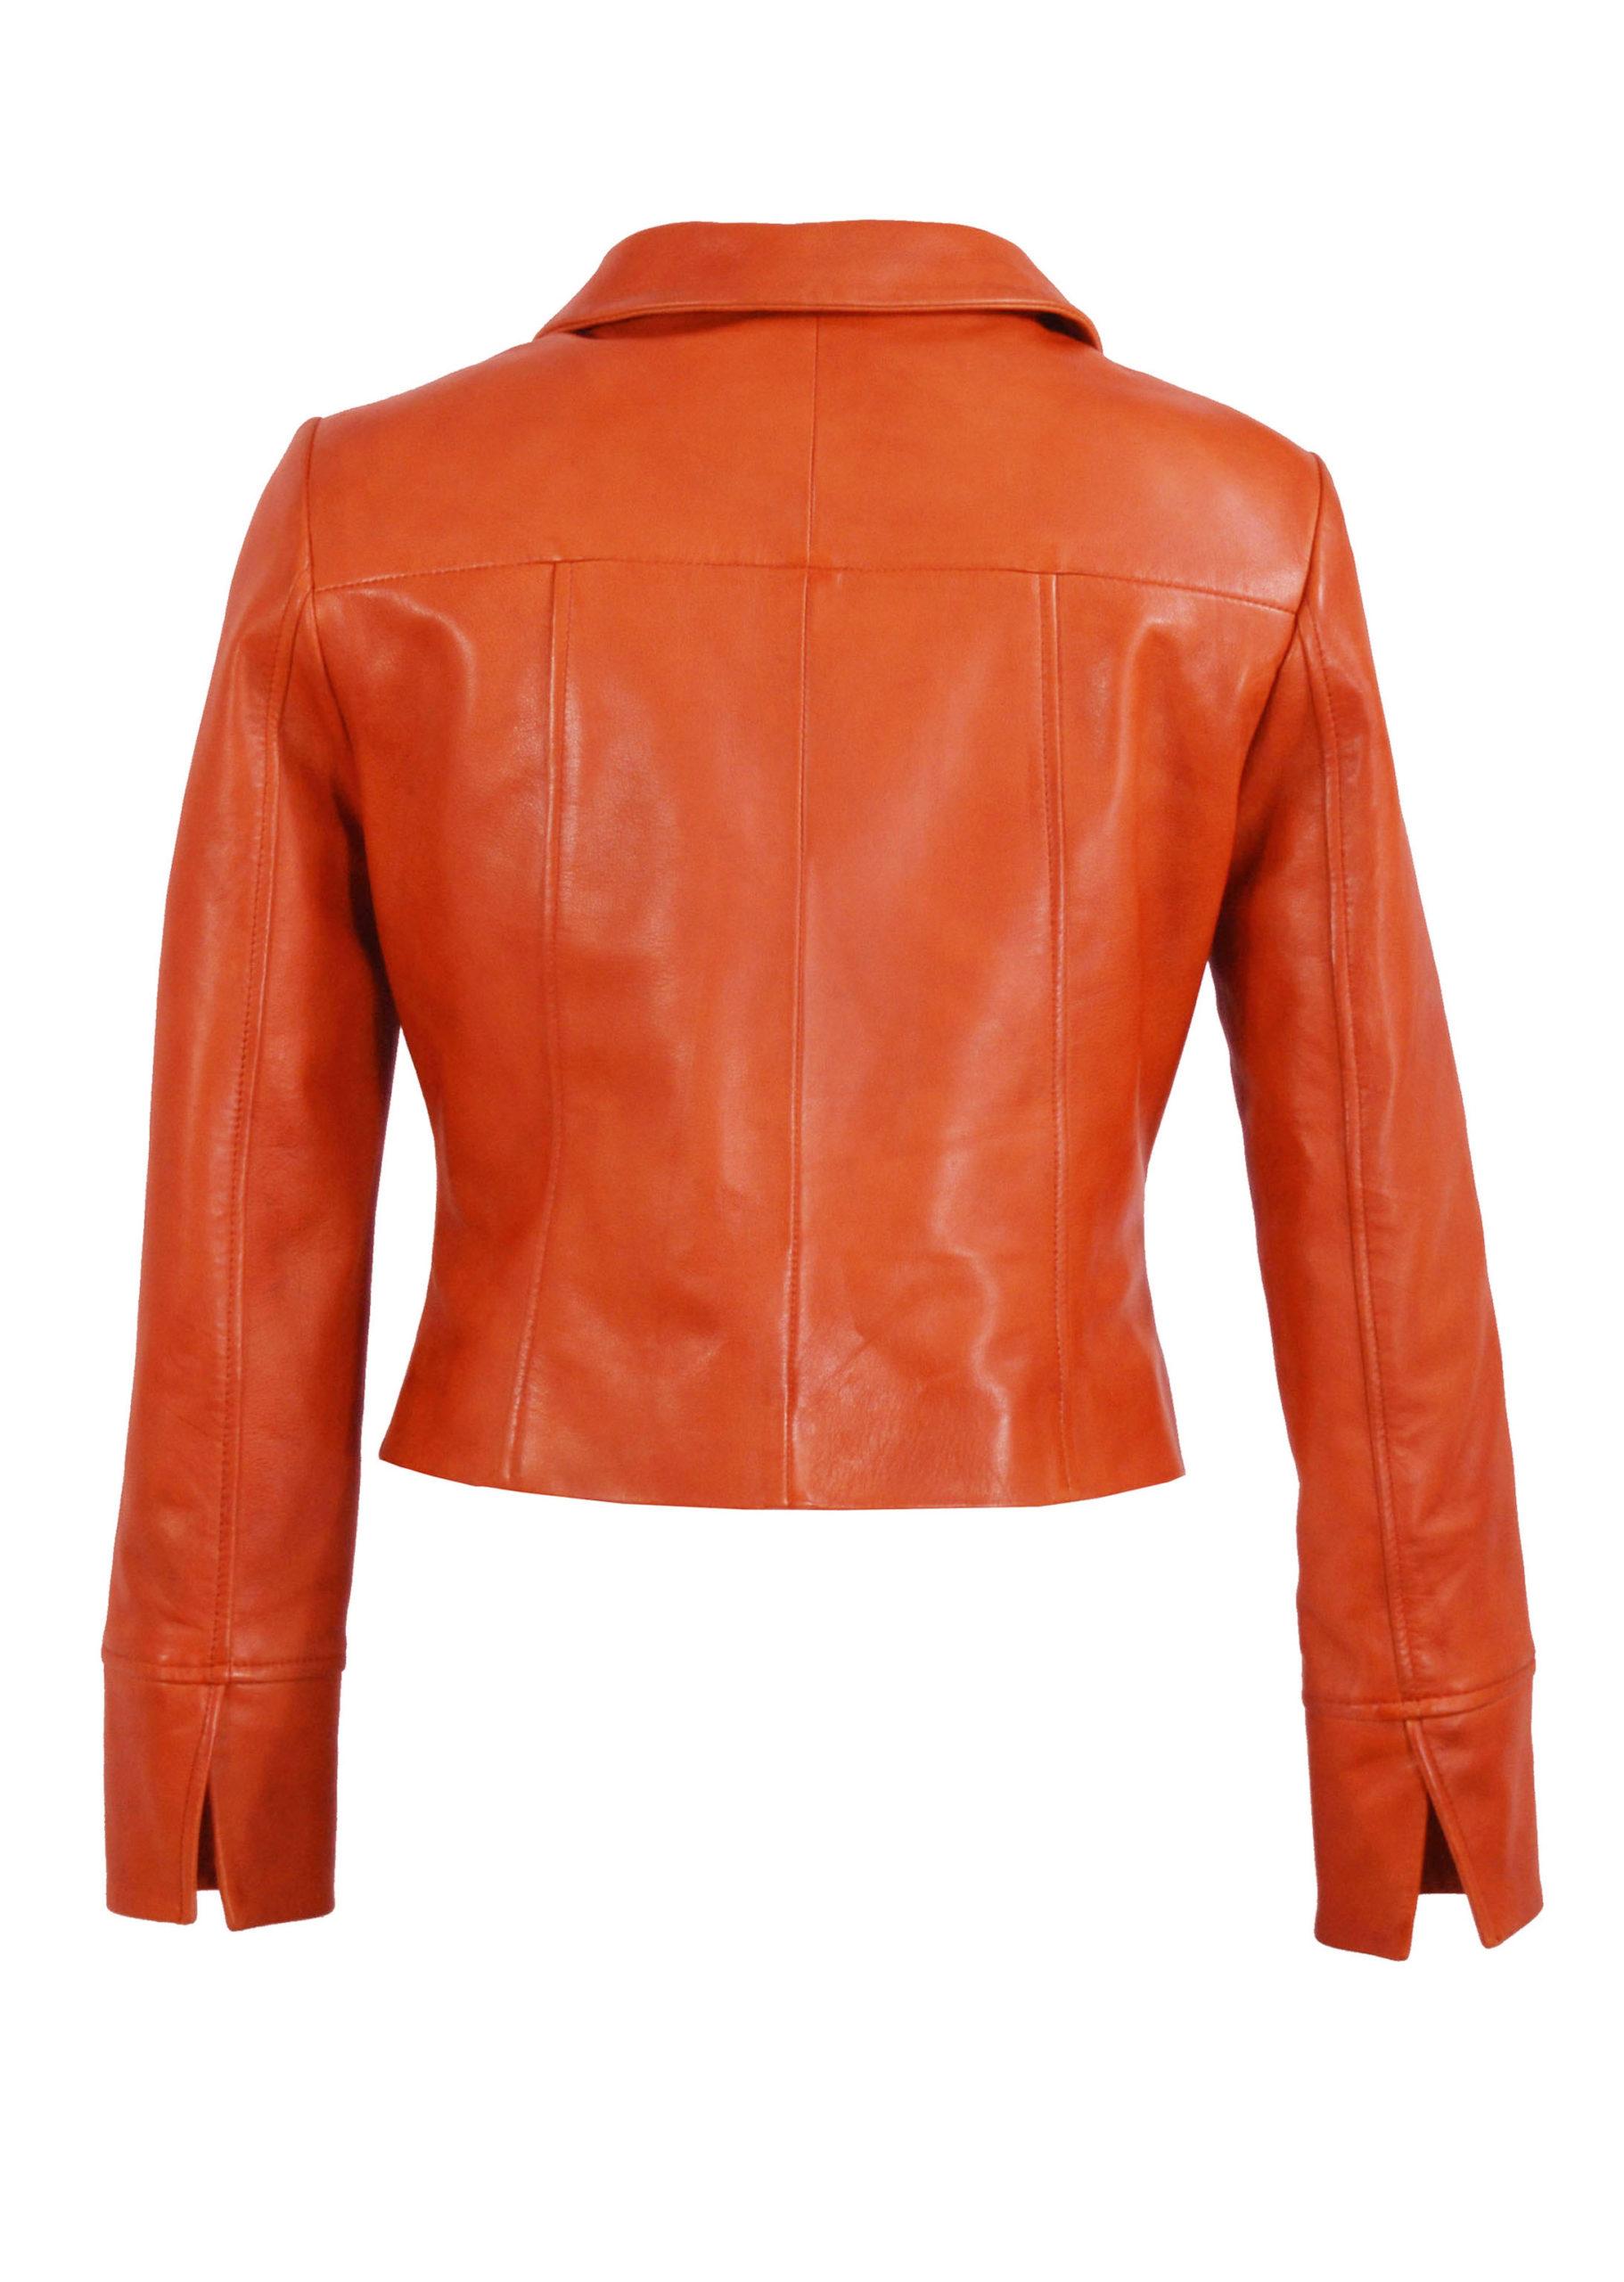 Zoef Leather Jasje Olivia Oranje 2